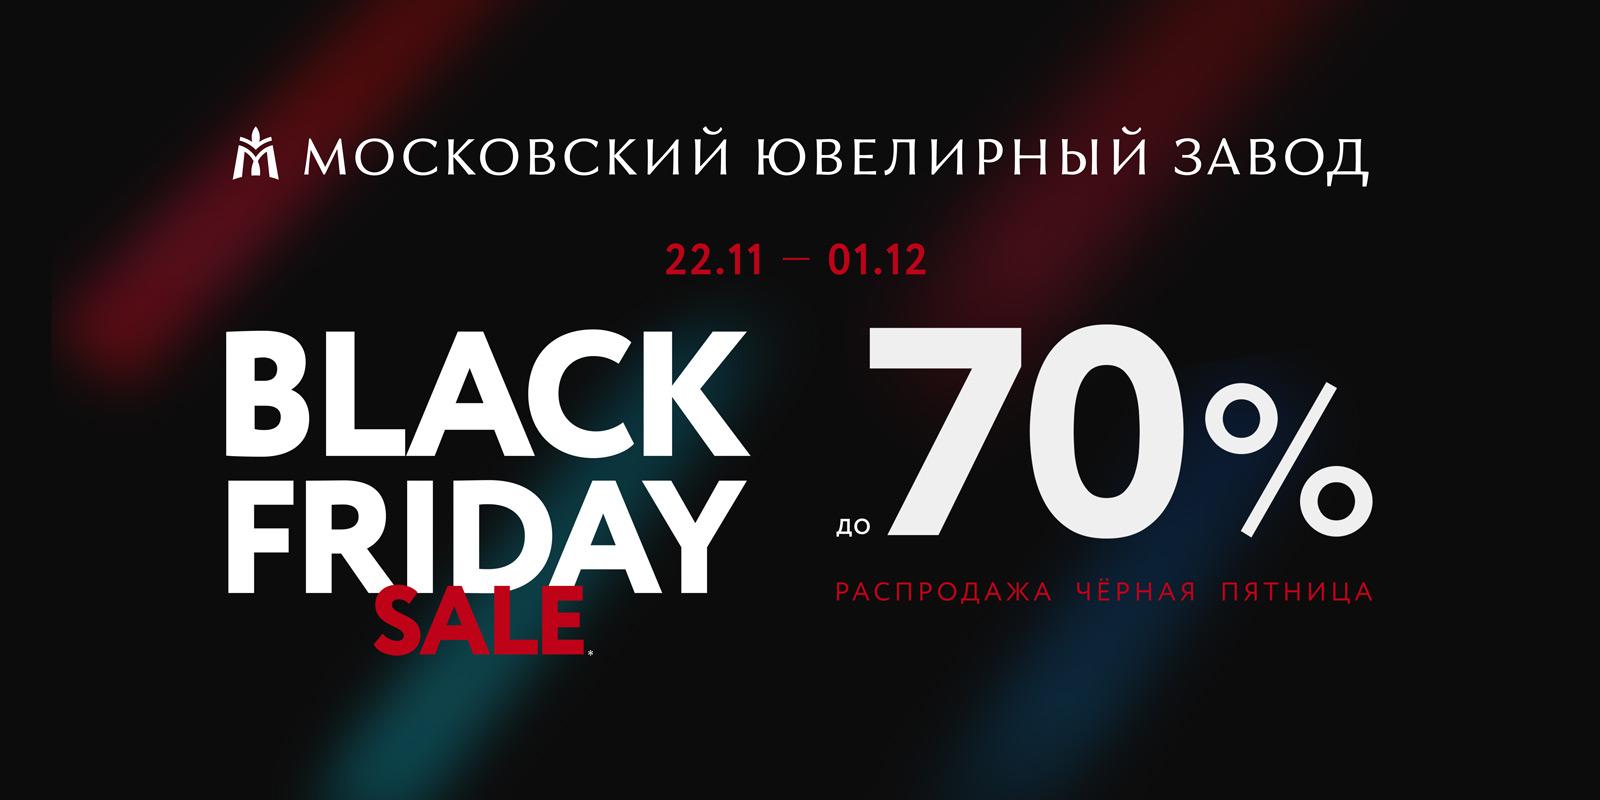 Черная пятница: скидки до 70% в магазинах Московского ювелирного завода!